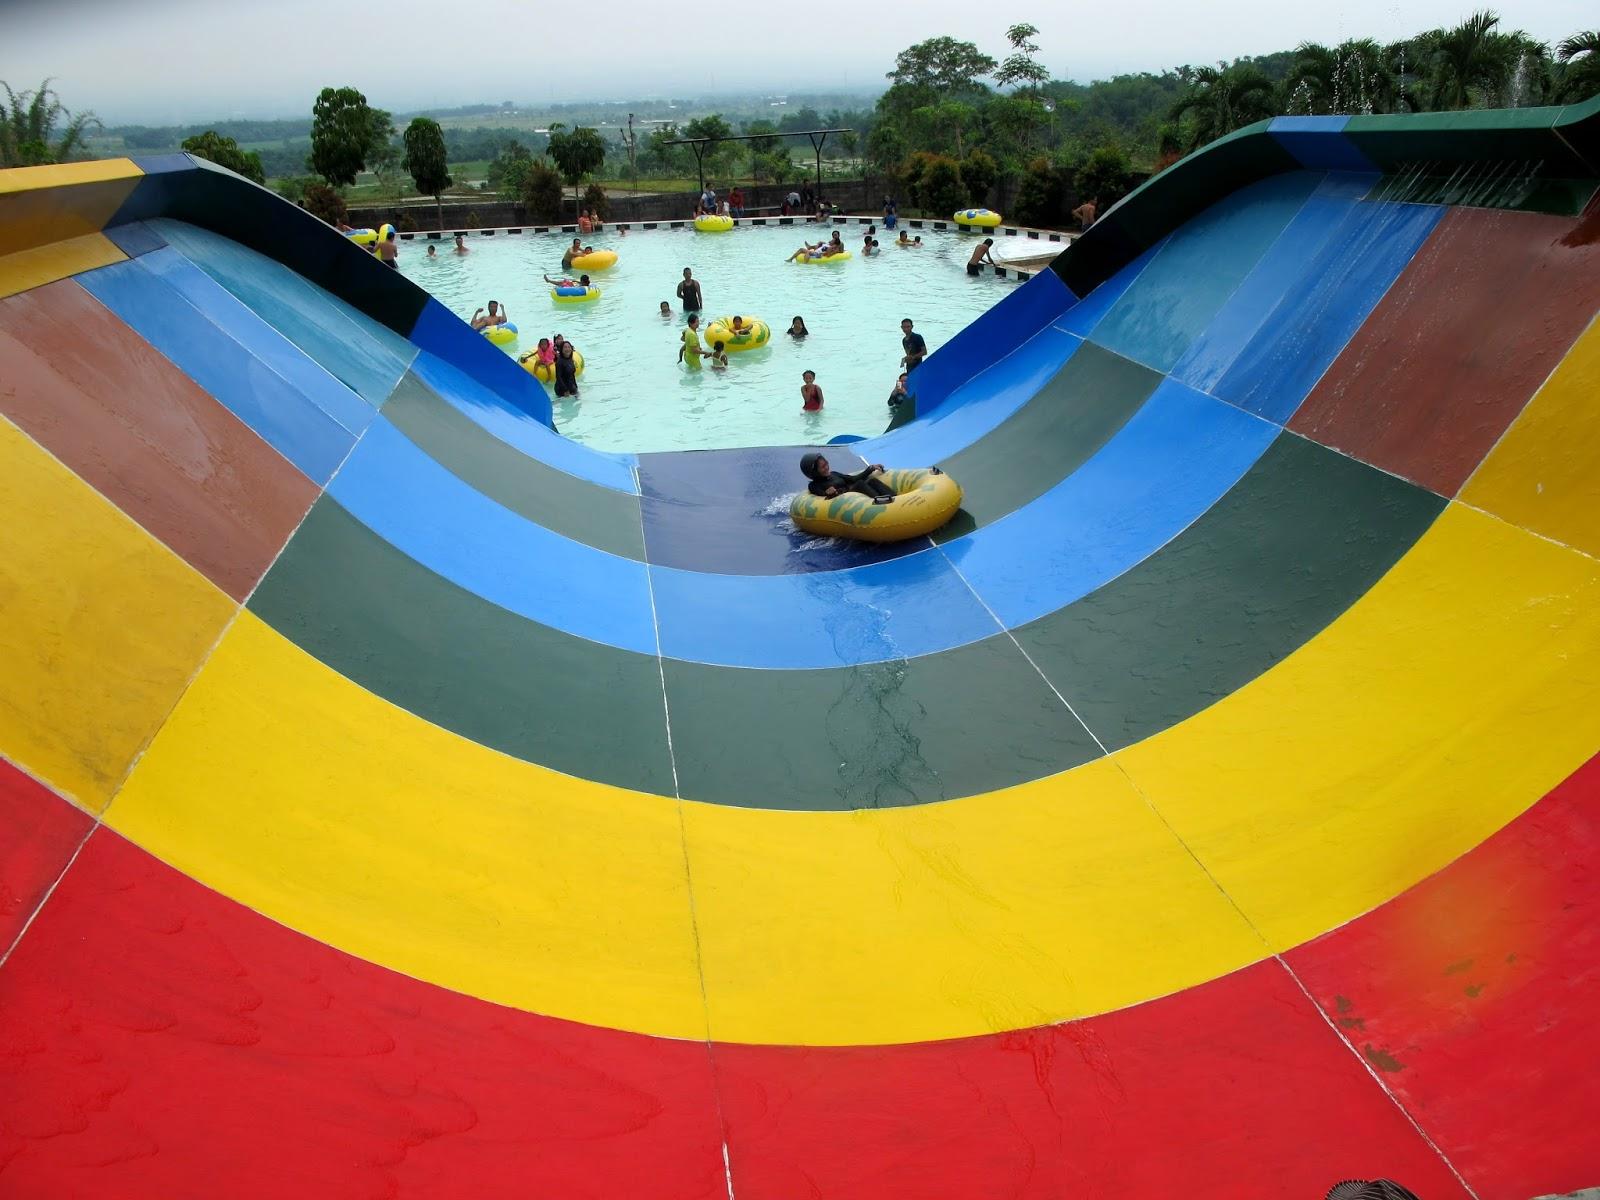 Wisata Joglo Park Pacet Haya Zone Boomerang Tampilan Samping Atas